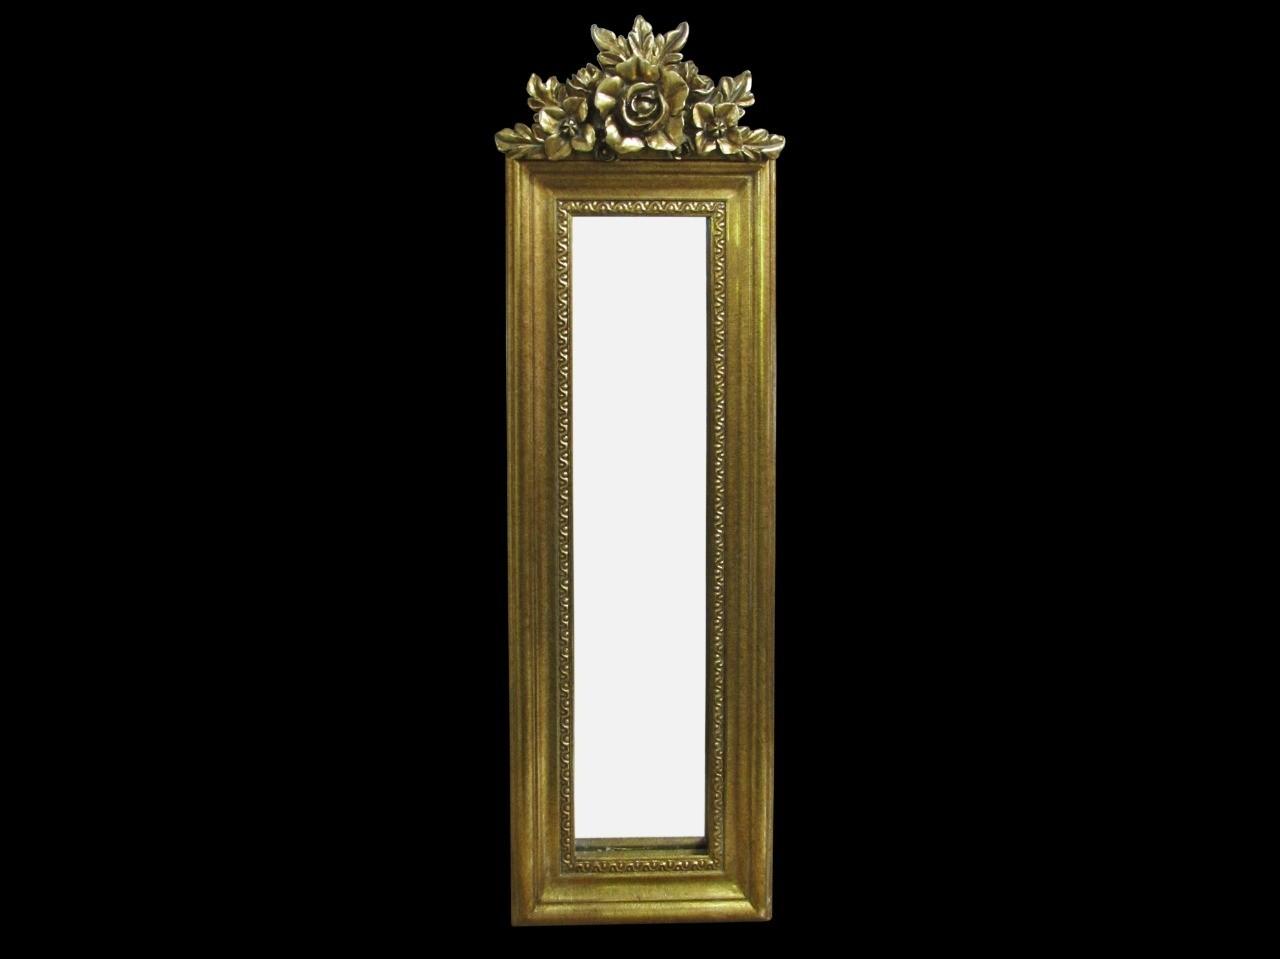 Espelho Retangulo moldura Dourada com Detalher de Flor - Frontier